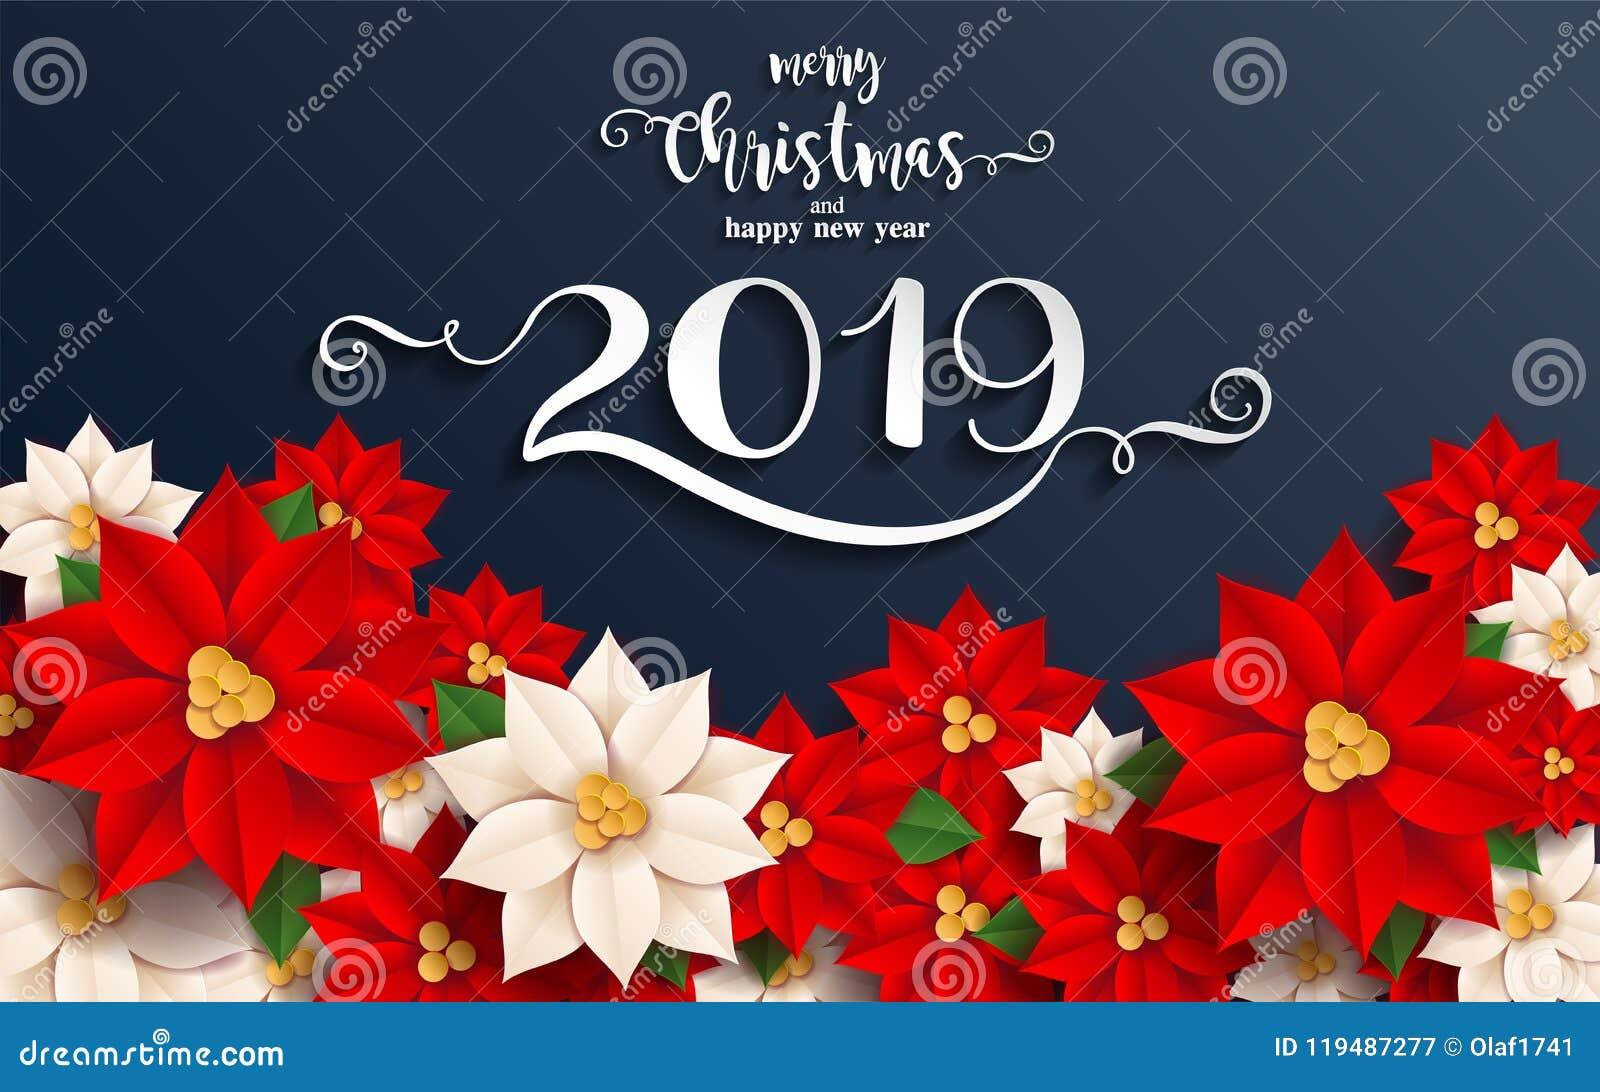 Glad jul och lyckligt nytt år 2019